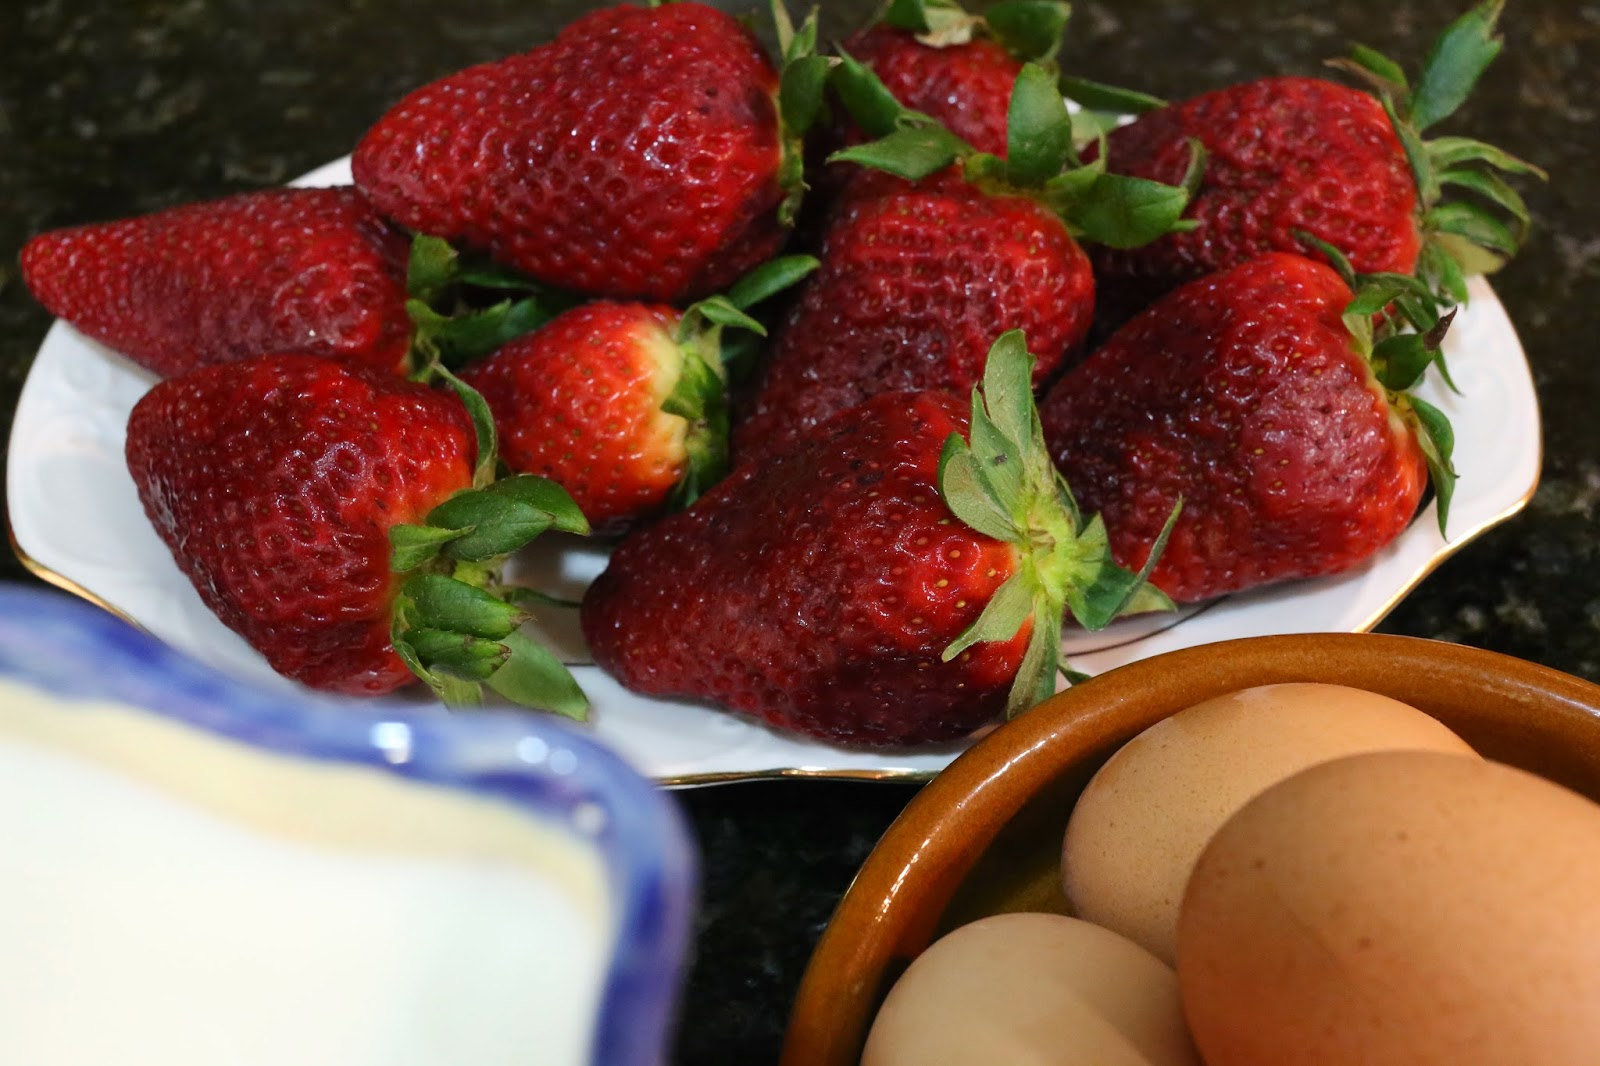 Ingredientes para flan de huevo con fresas confitadas